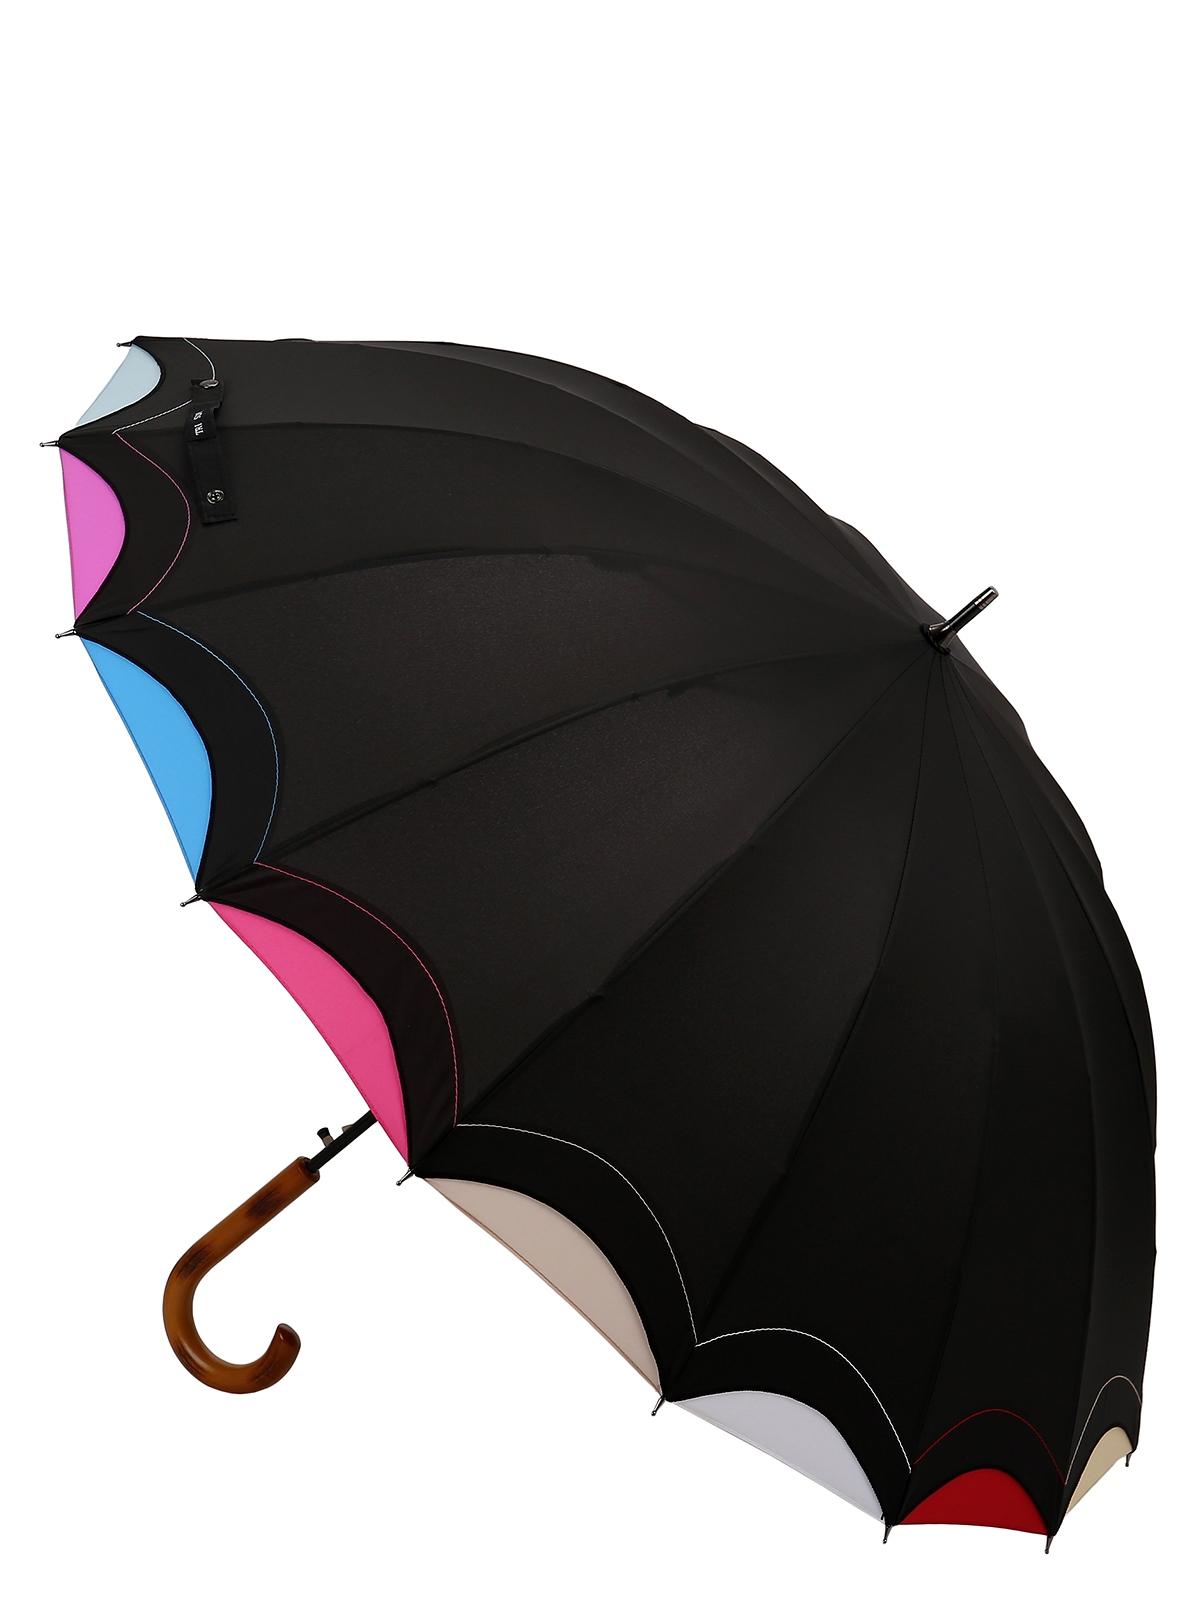 Зонт Три слона 1100-B-01, черный, разноцветный